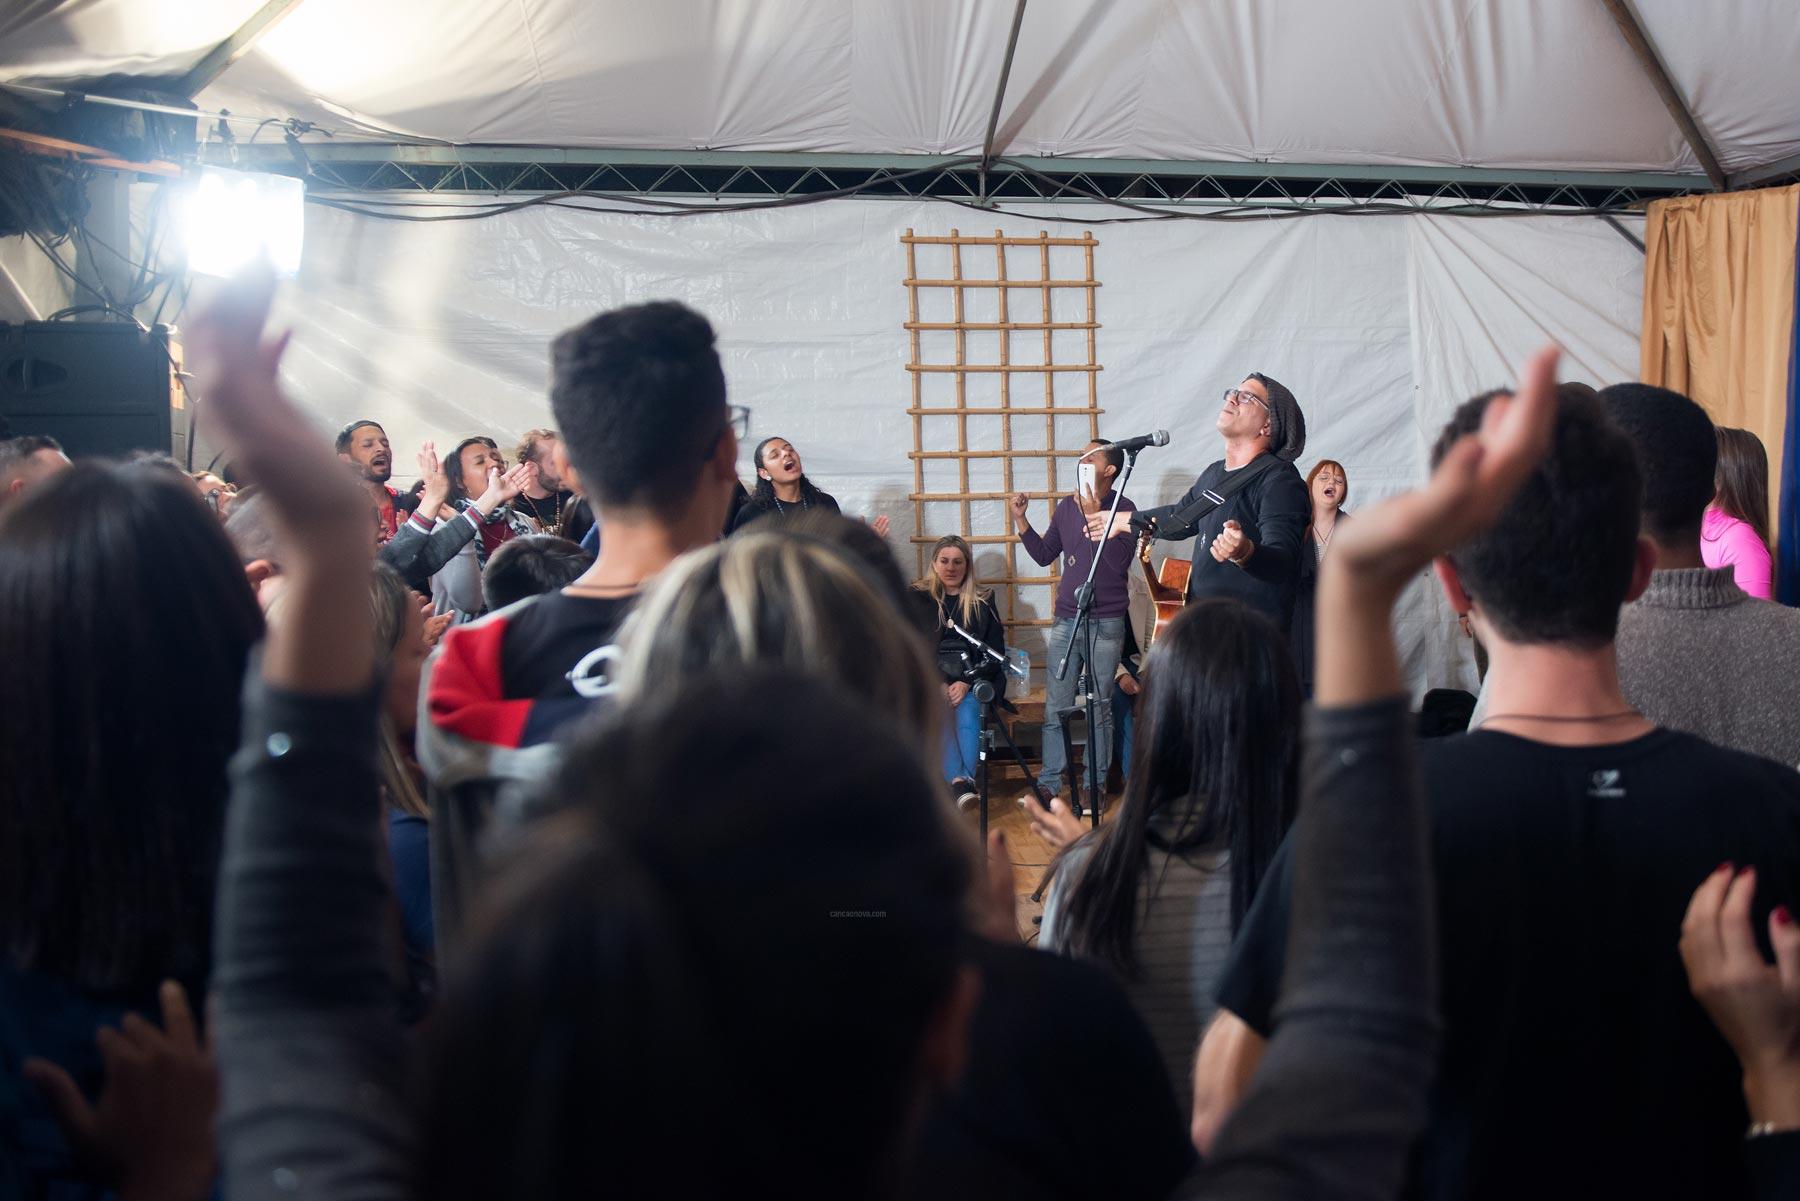 Chacara-santa-cruz--foto-Wesley-Almeida-(7)